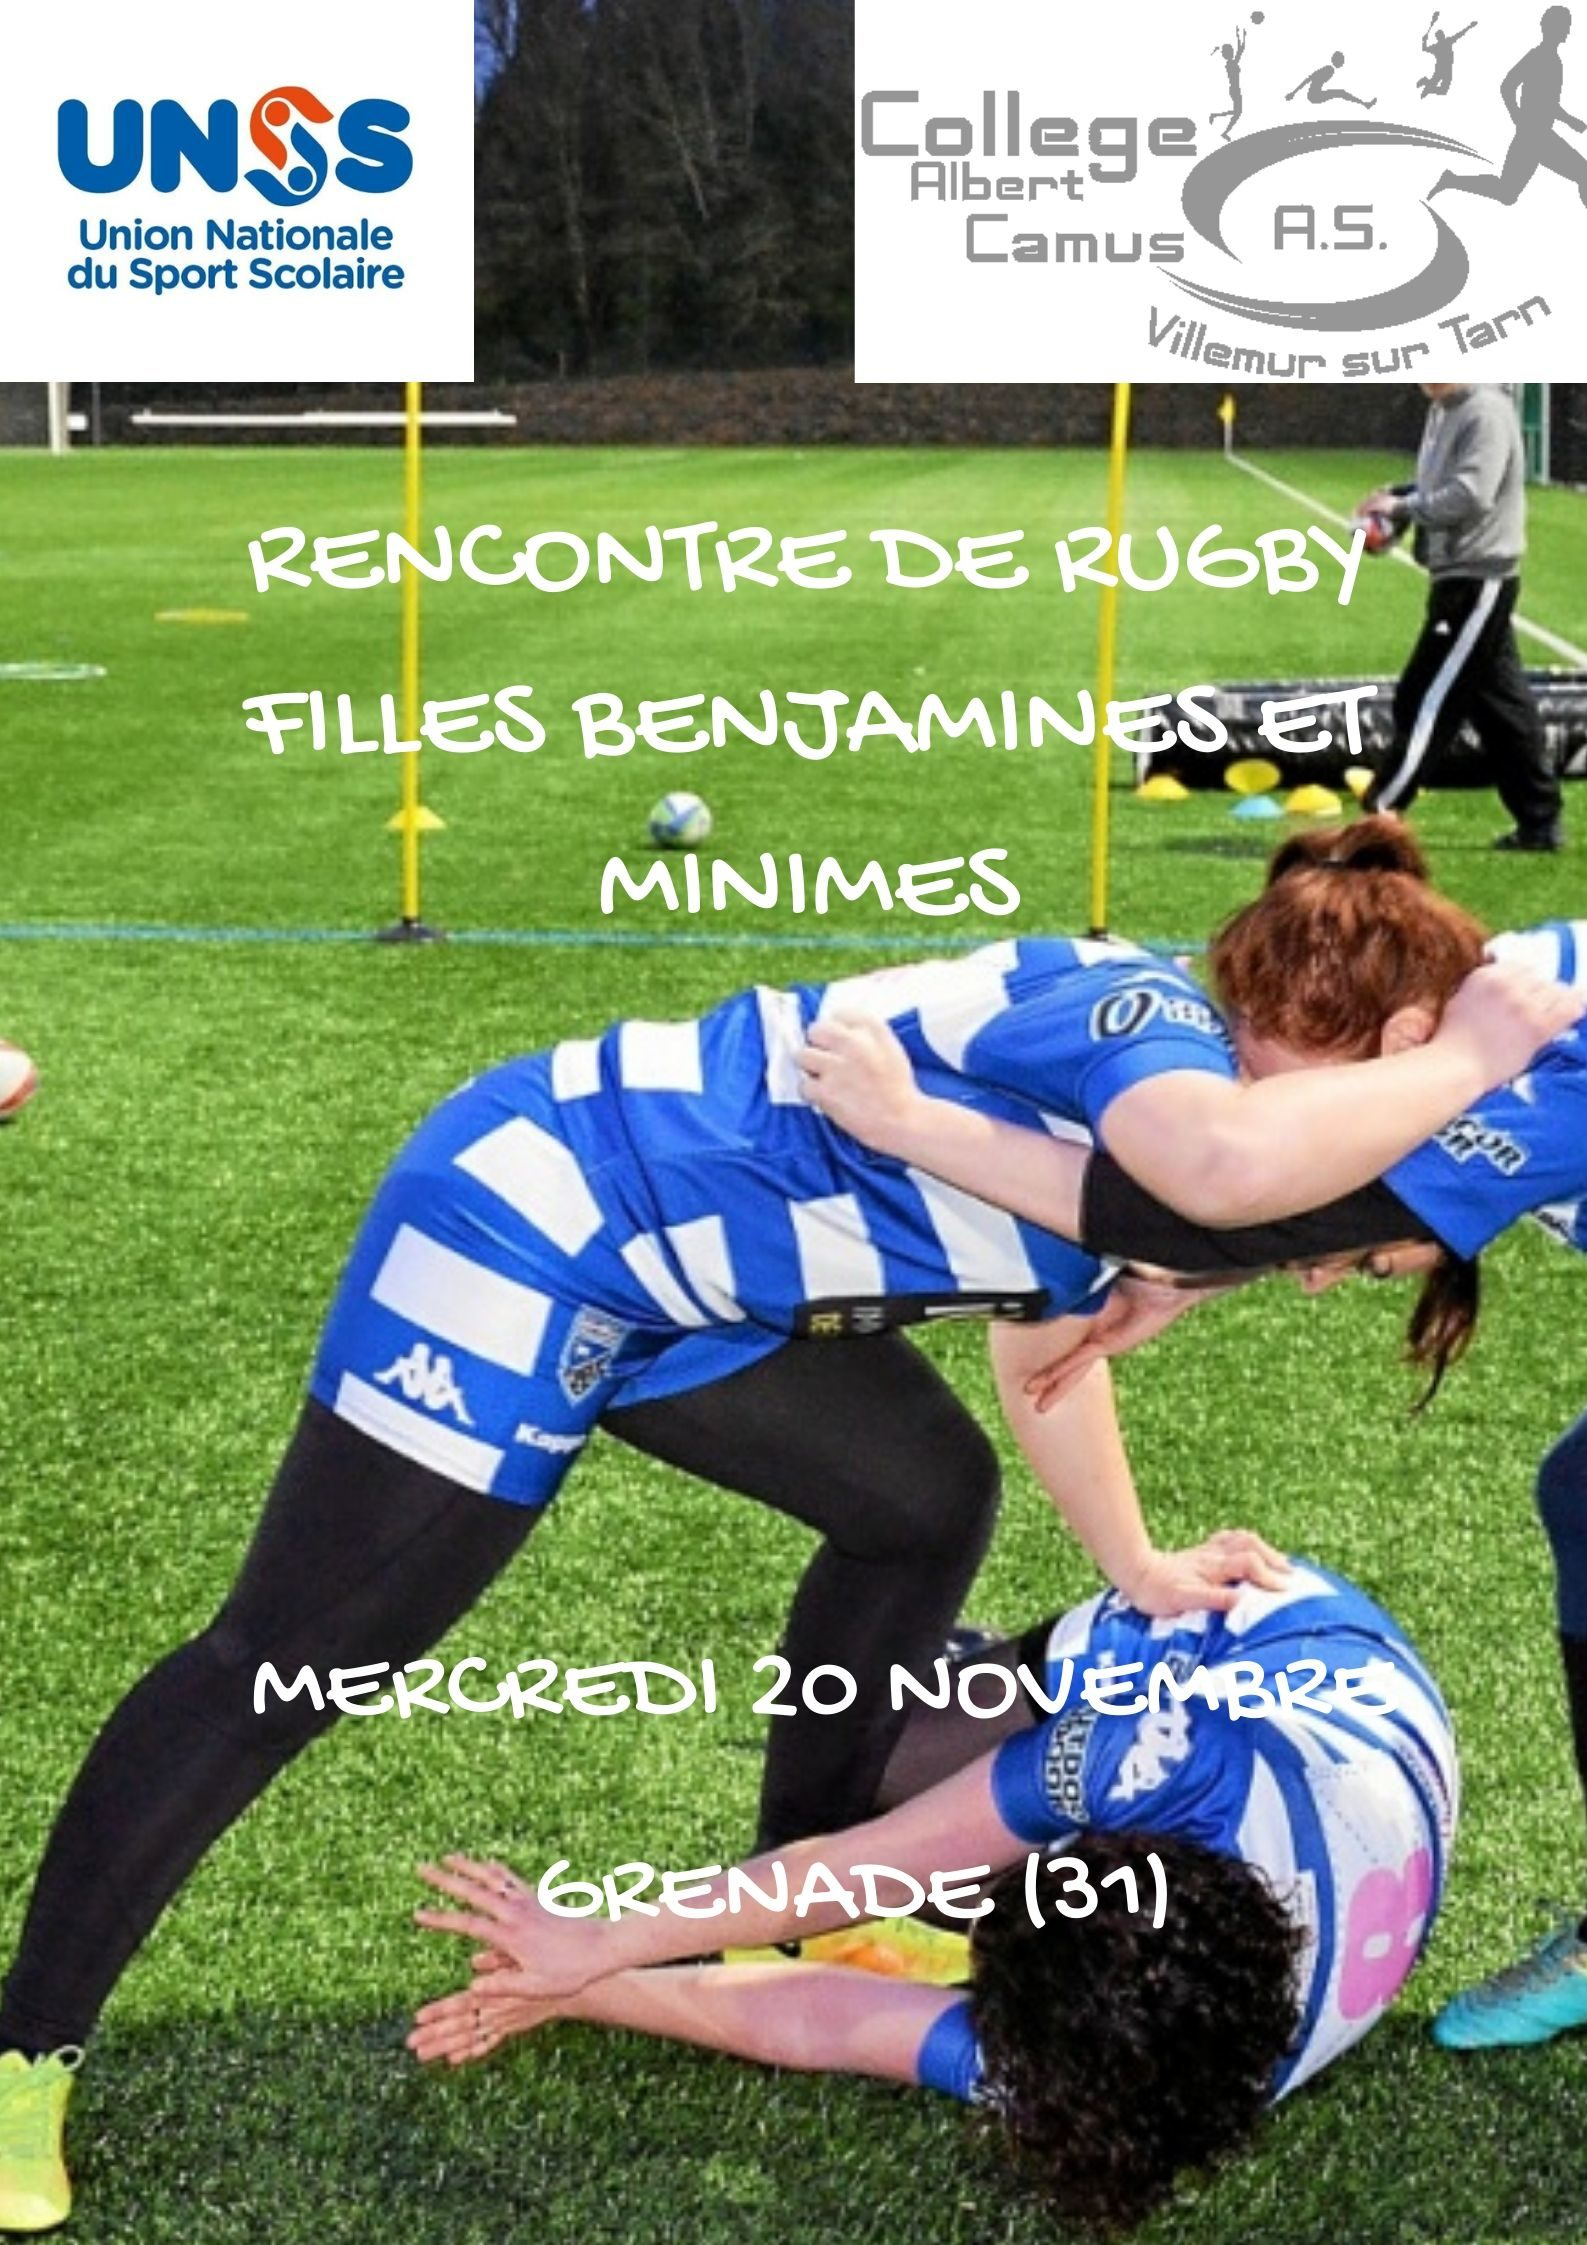 Rencontre Rugby filles mercredi 20 novembre.jpg